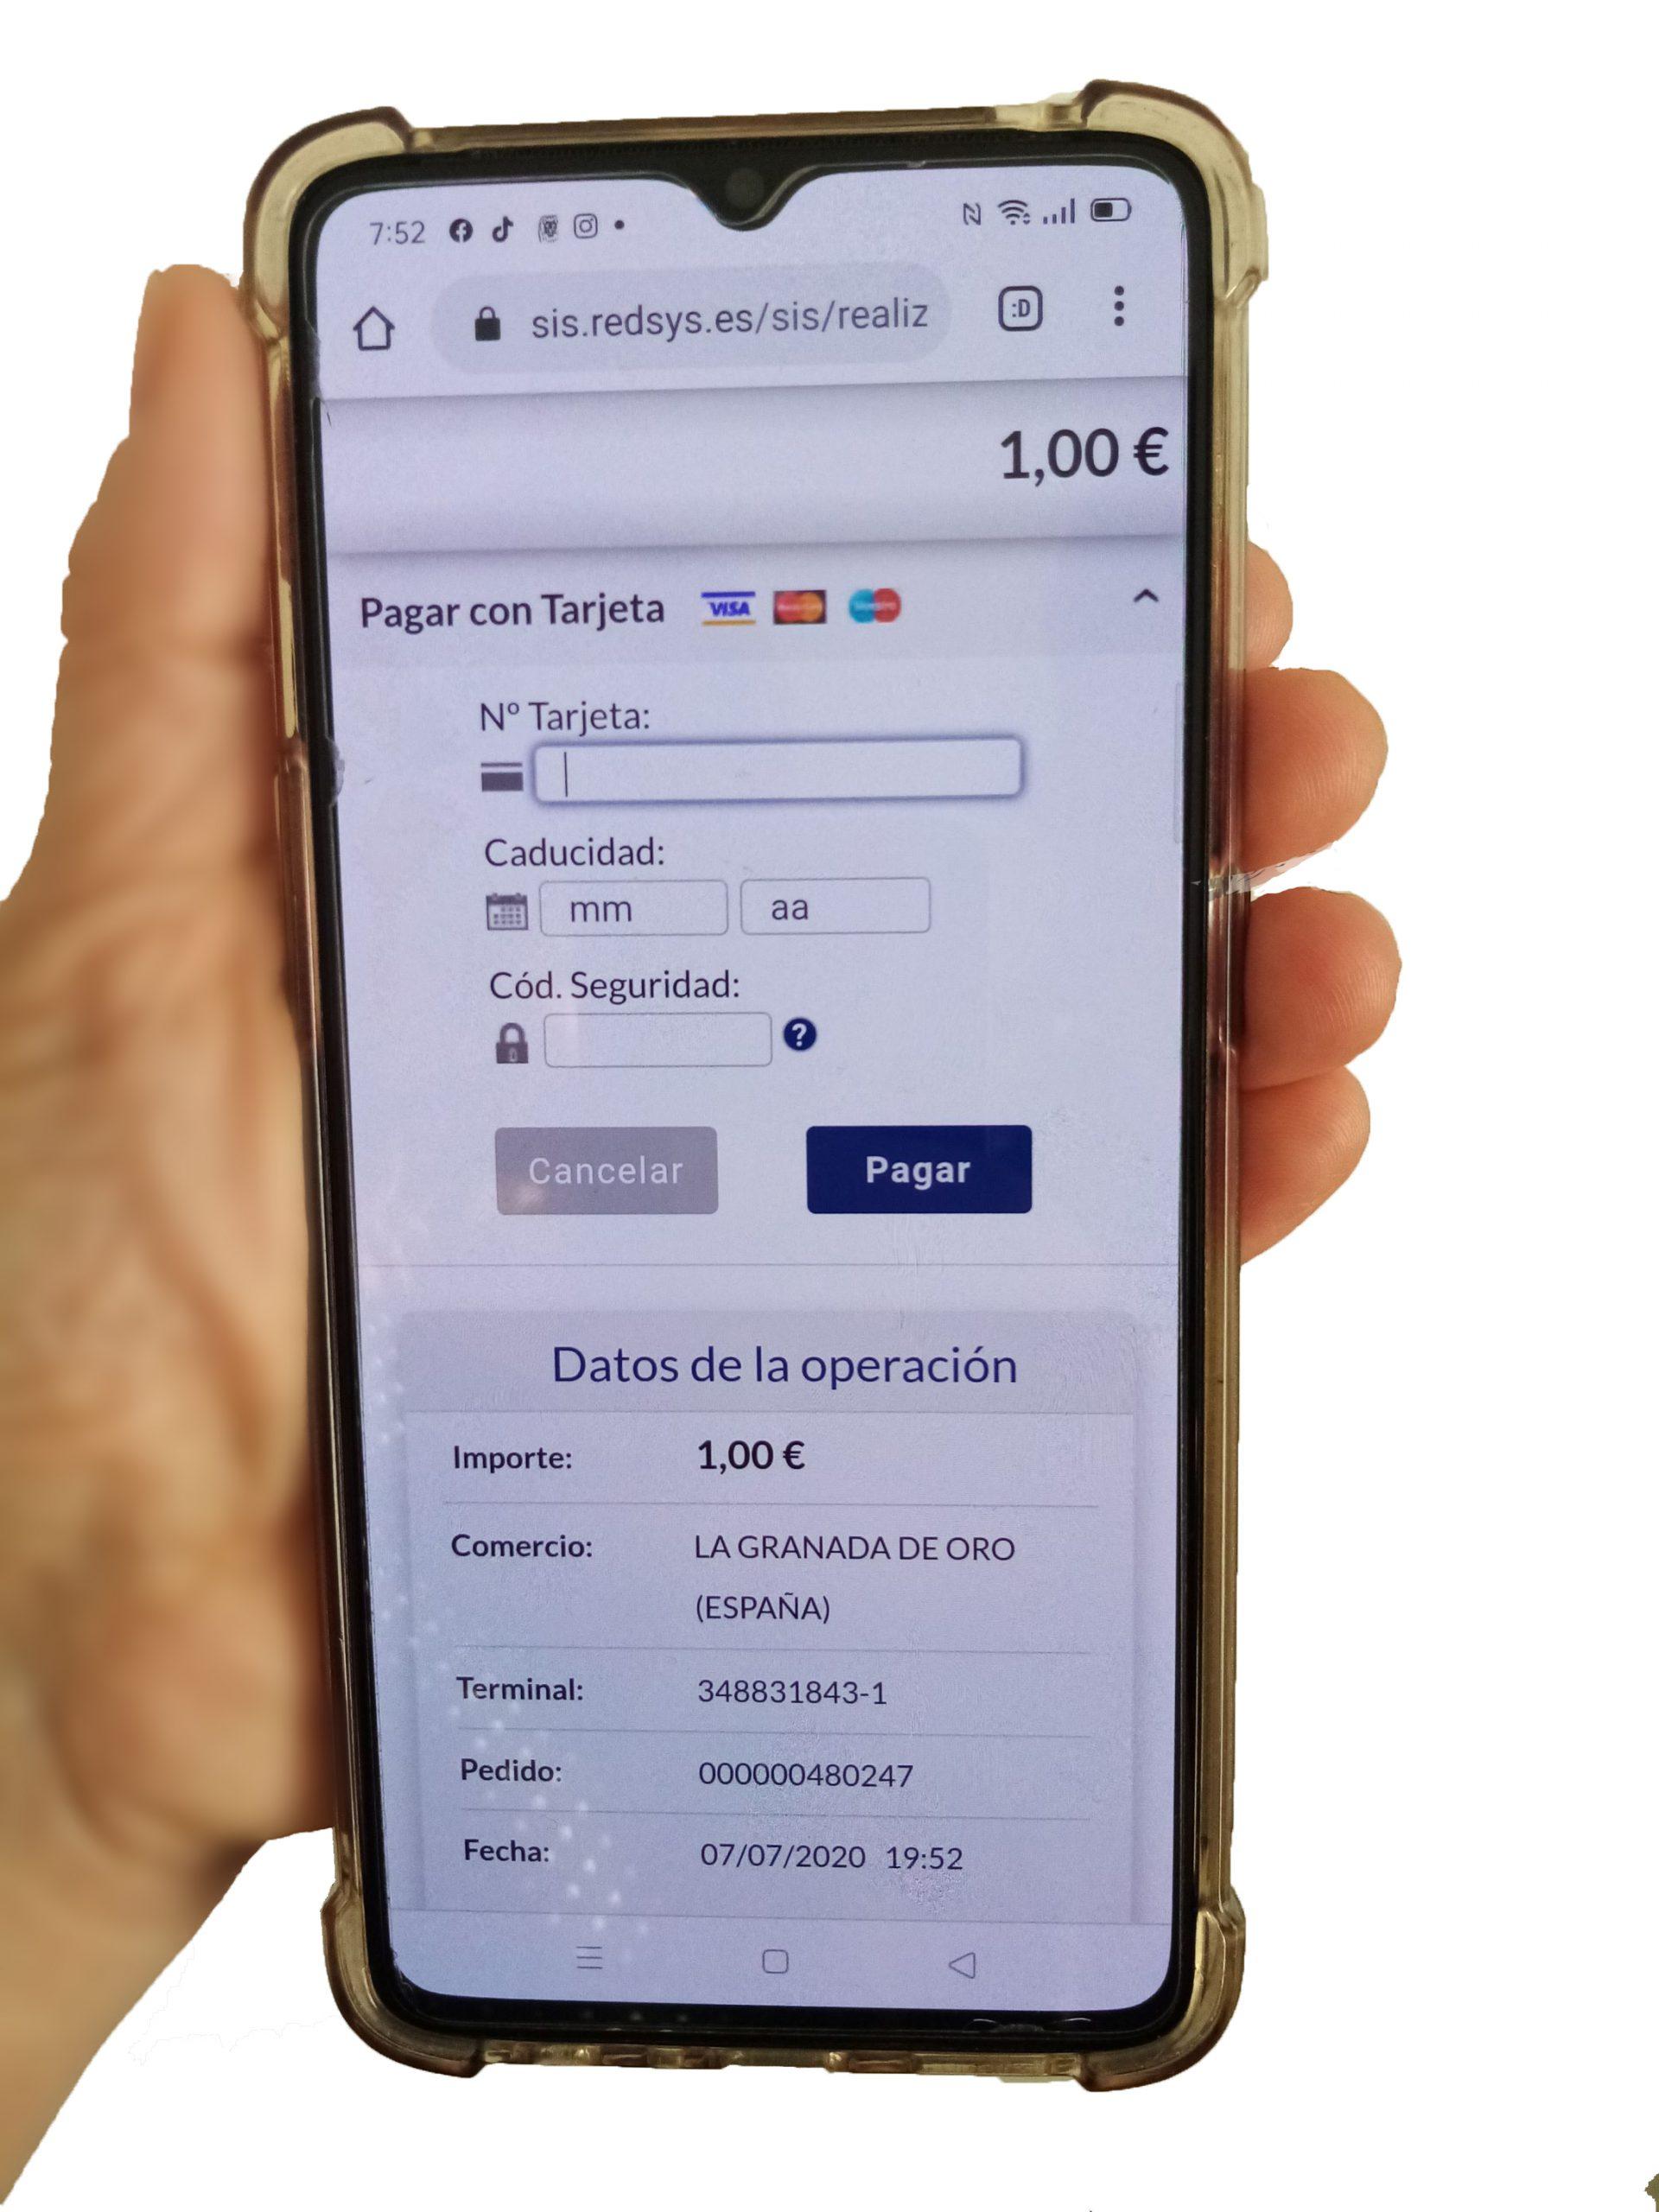 Comprar loteria online y pagar con tarjeta de credito